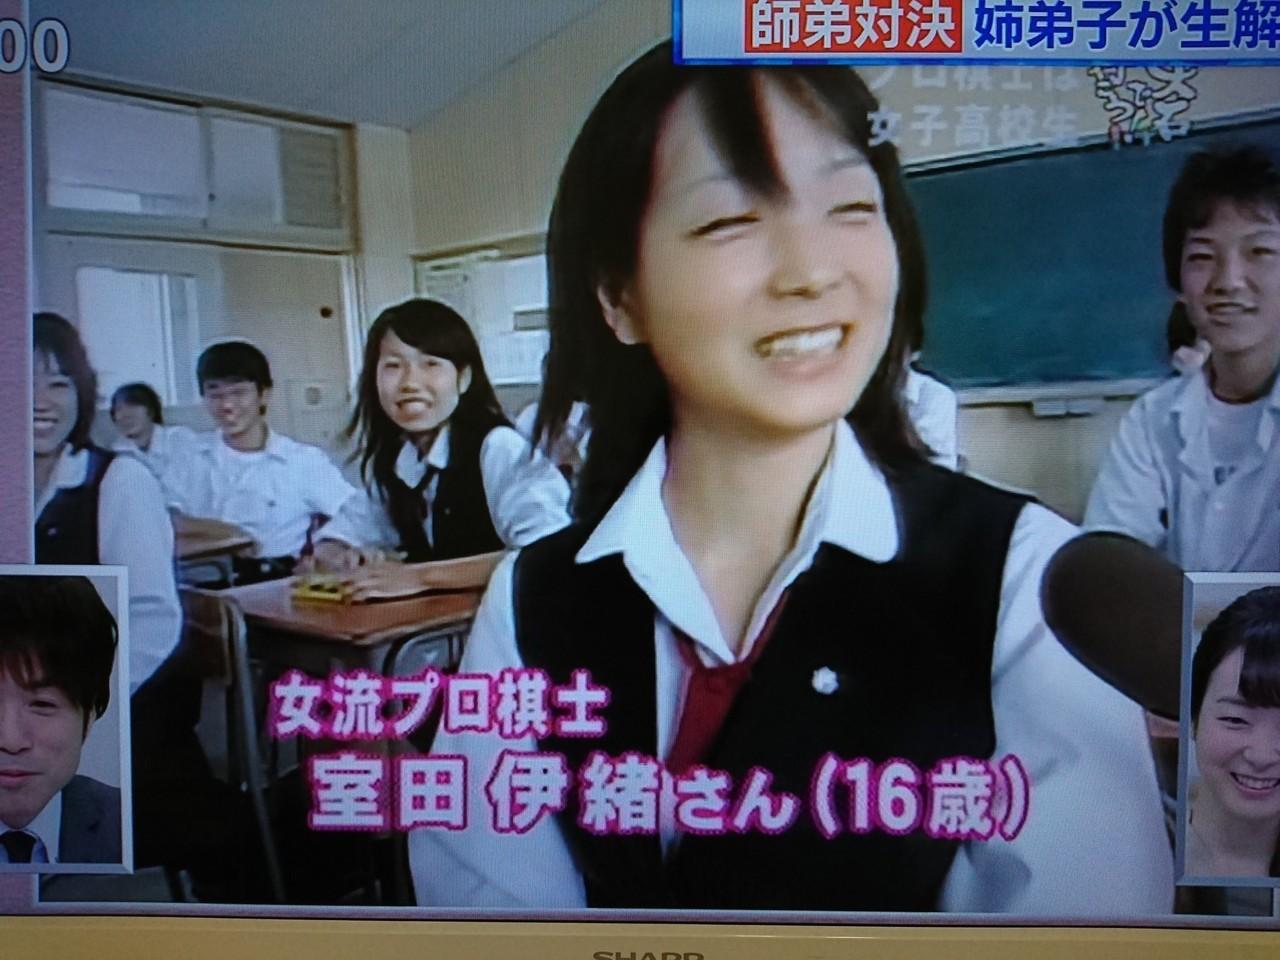 藤井聡太七段の姉弟子で囲碁の井山さんの元奥様。現在は離婚されたそうですが、美貌は変わらず。  見た目とは裏腹に毒舌で、藤井聡太七段をよくからかっているような。